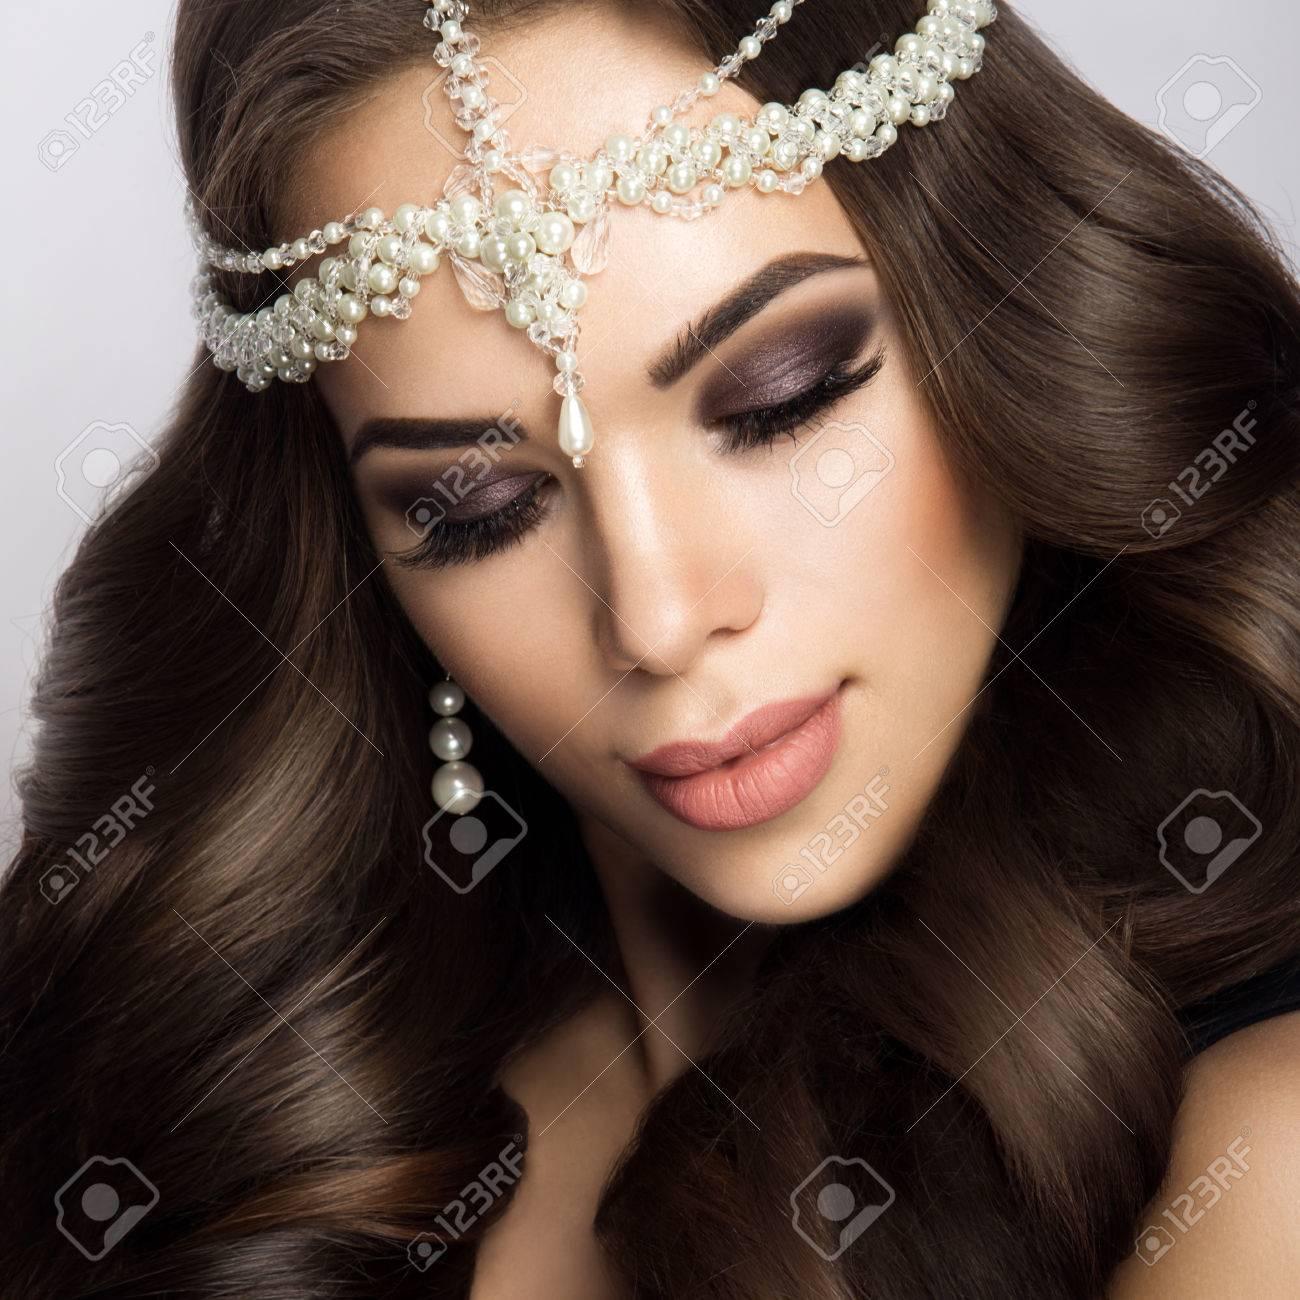 Brautstyling Fur Deine Hochzeit Make Up Und Frisur Make Up Hair